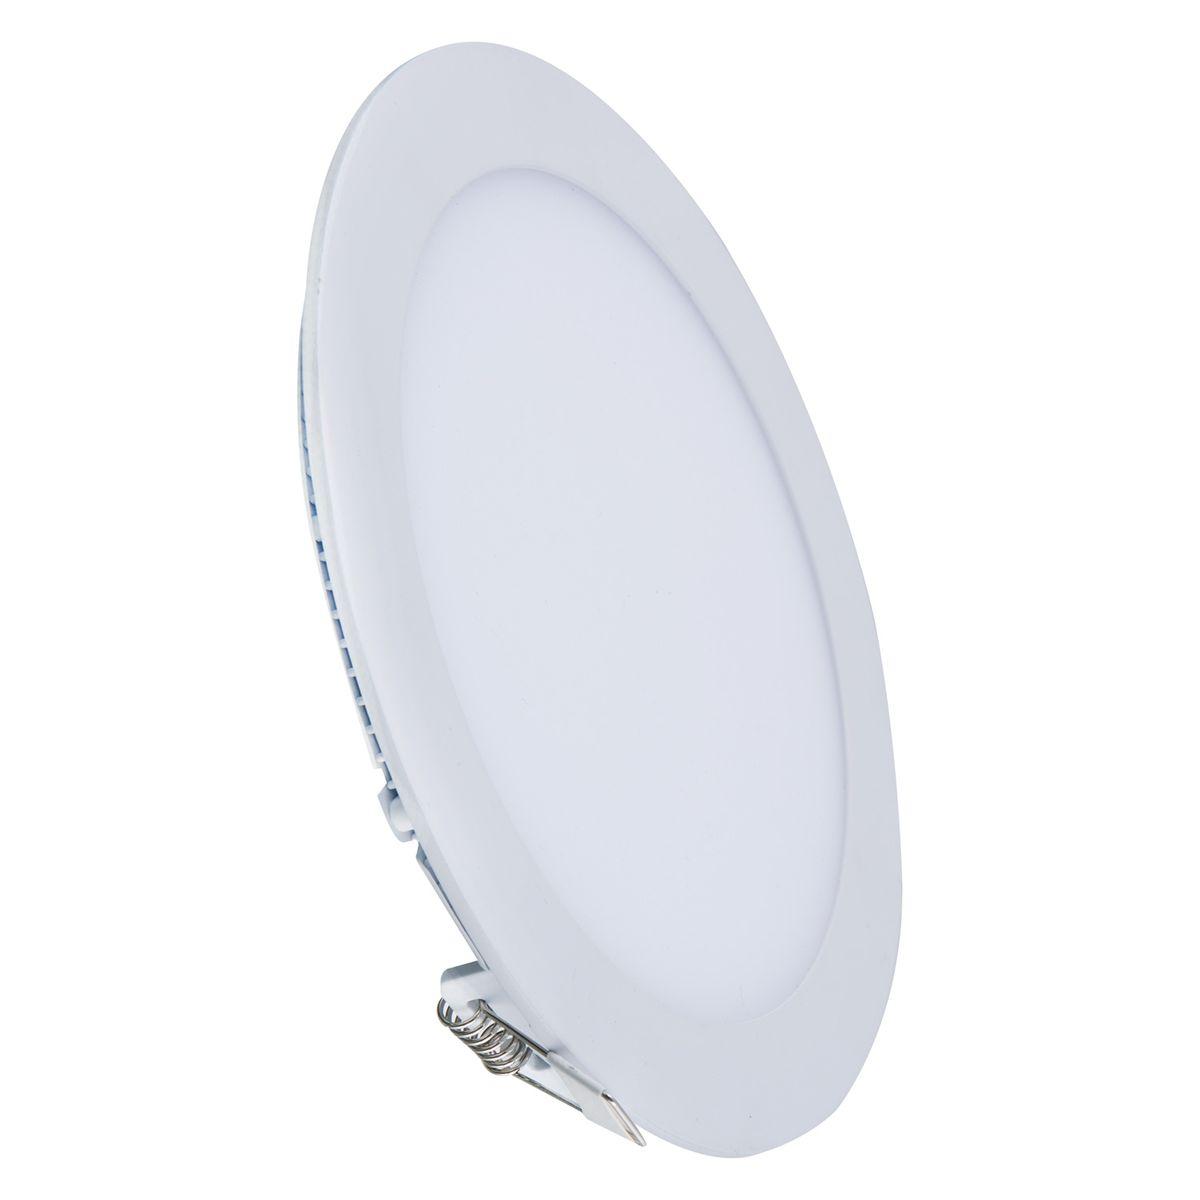 Super dünnes rundes LED-Panel BT5020R-24 mit 24cm durchmesser inkl. Vorschaltgerät  – Bild 2